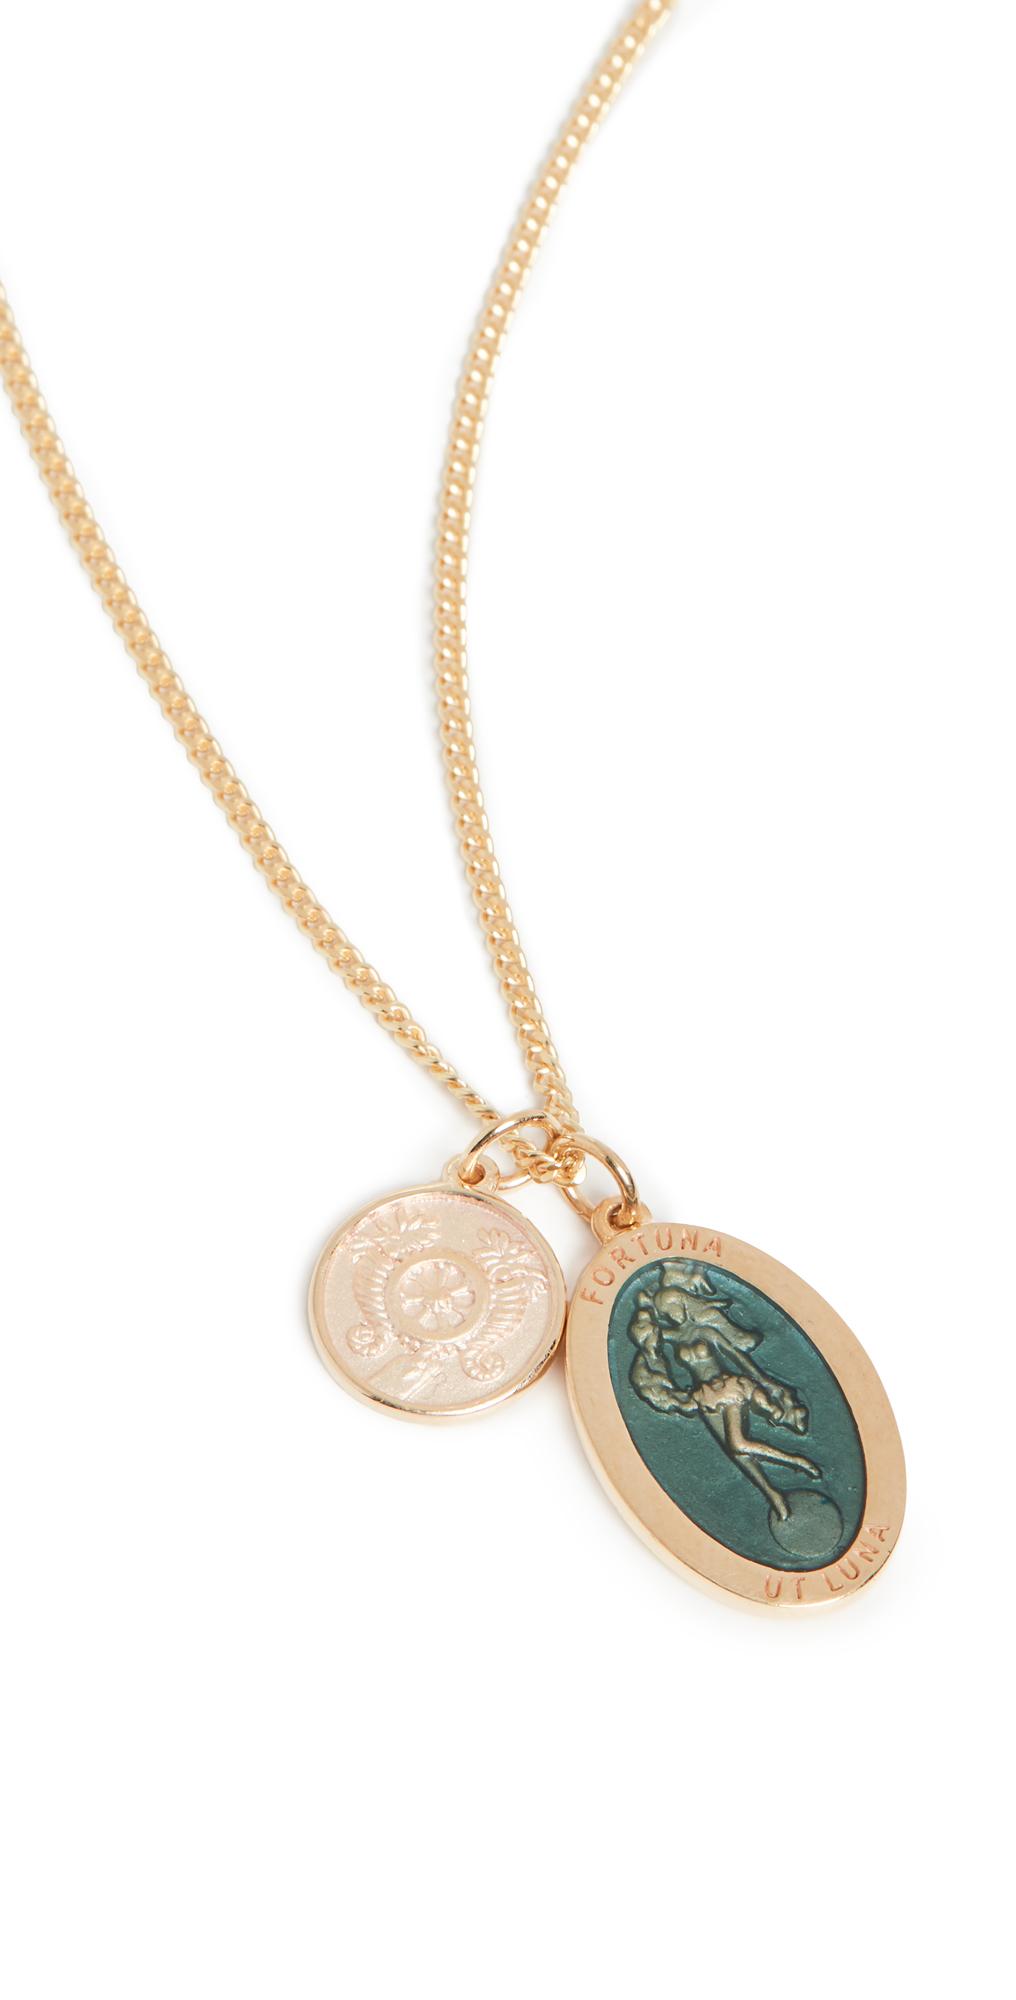 Fortuna Pendant Necklace